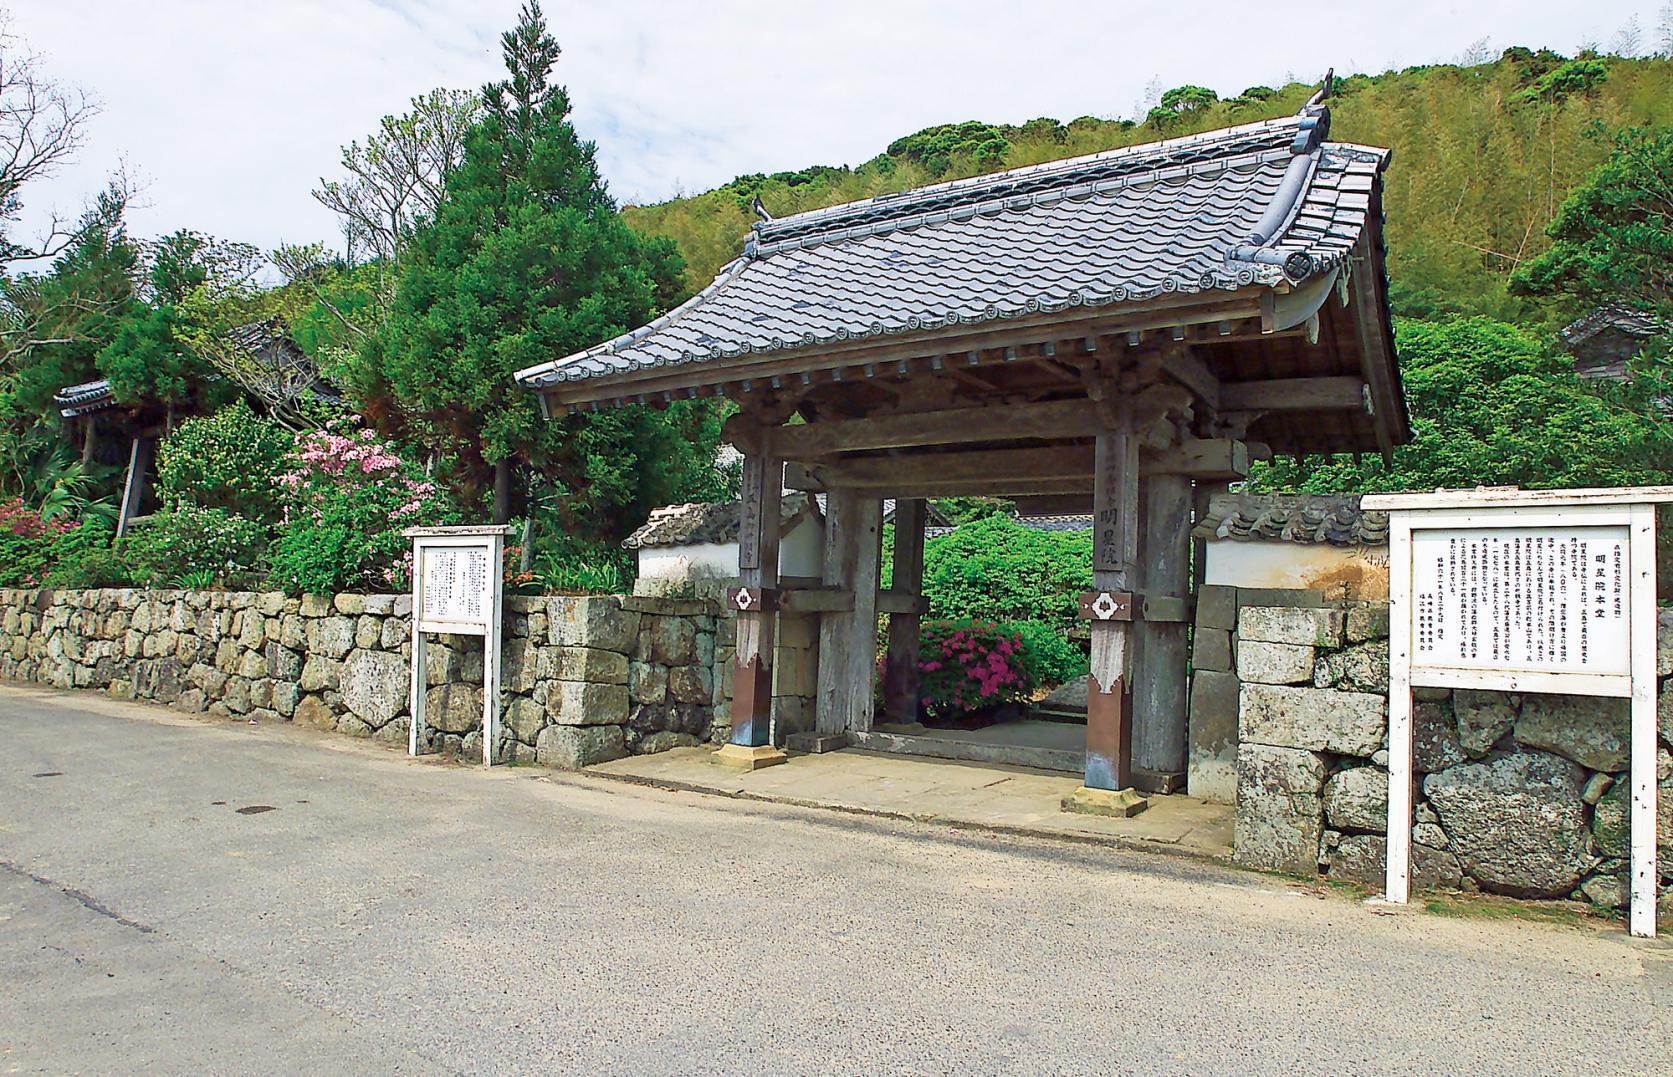 【サイクリング】日本遺産 明星院と鬼岳を巡るコース-1